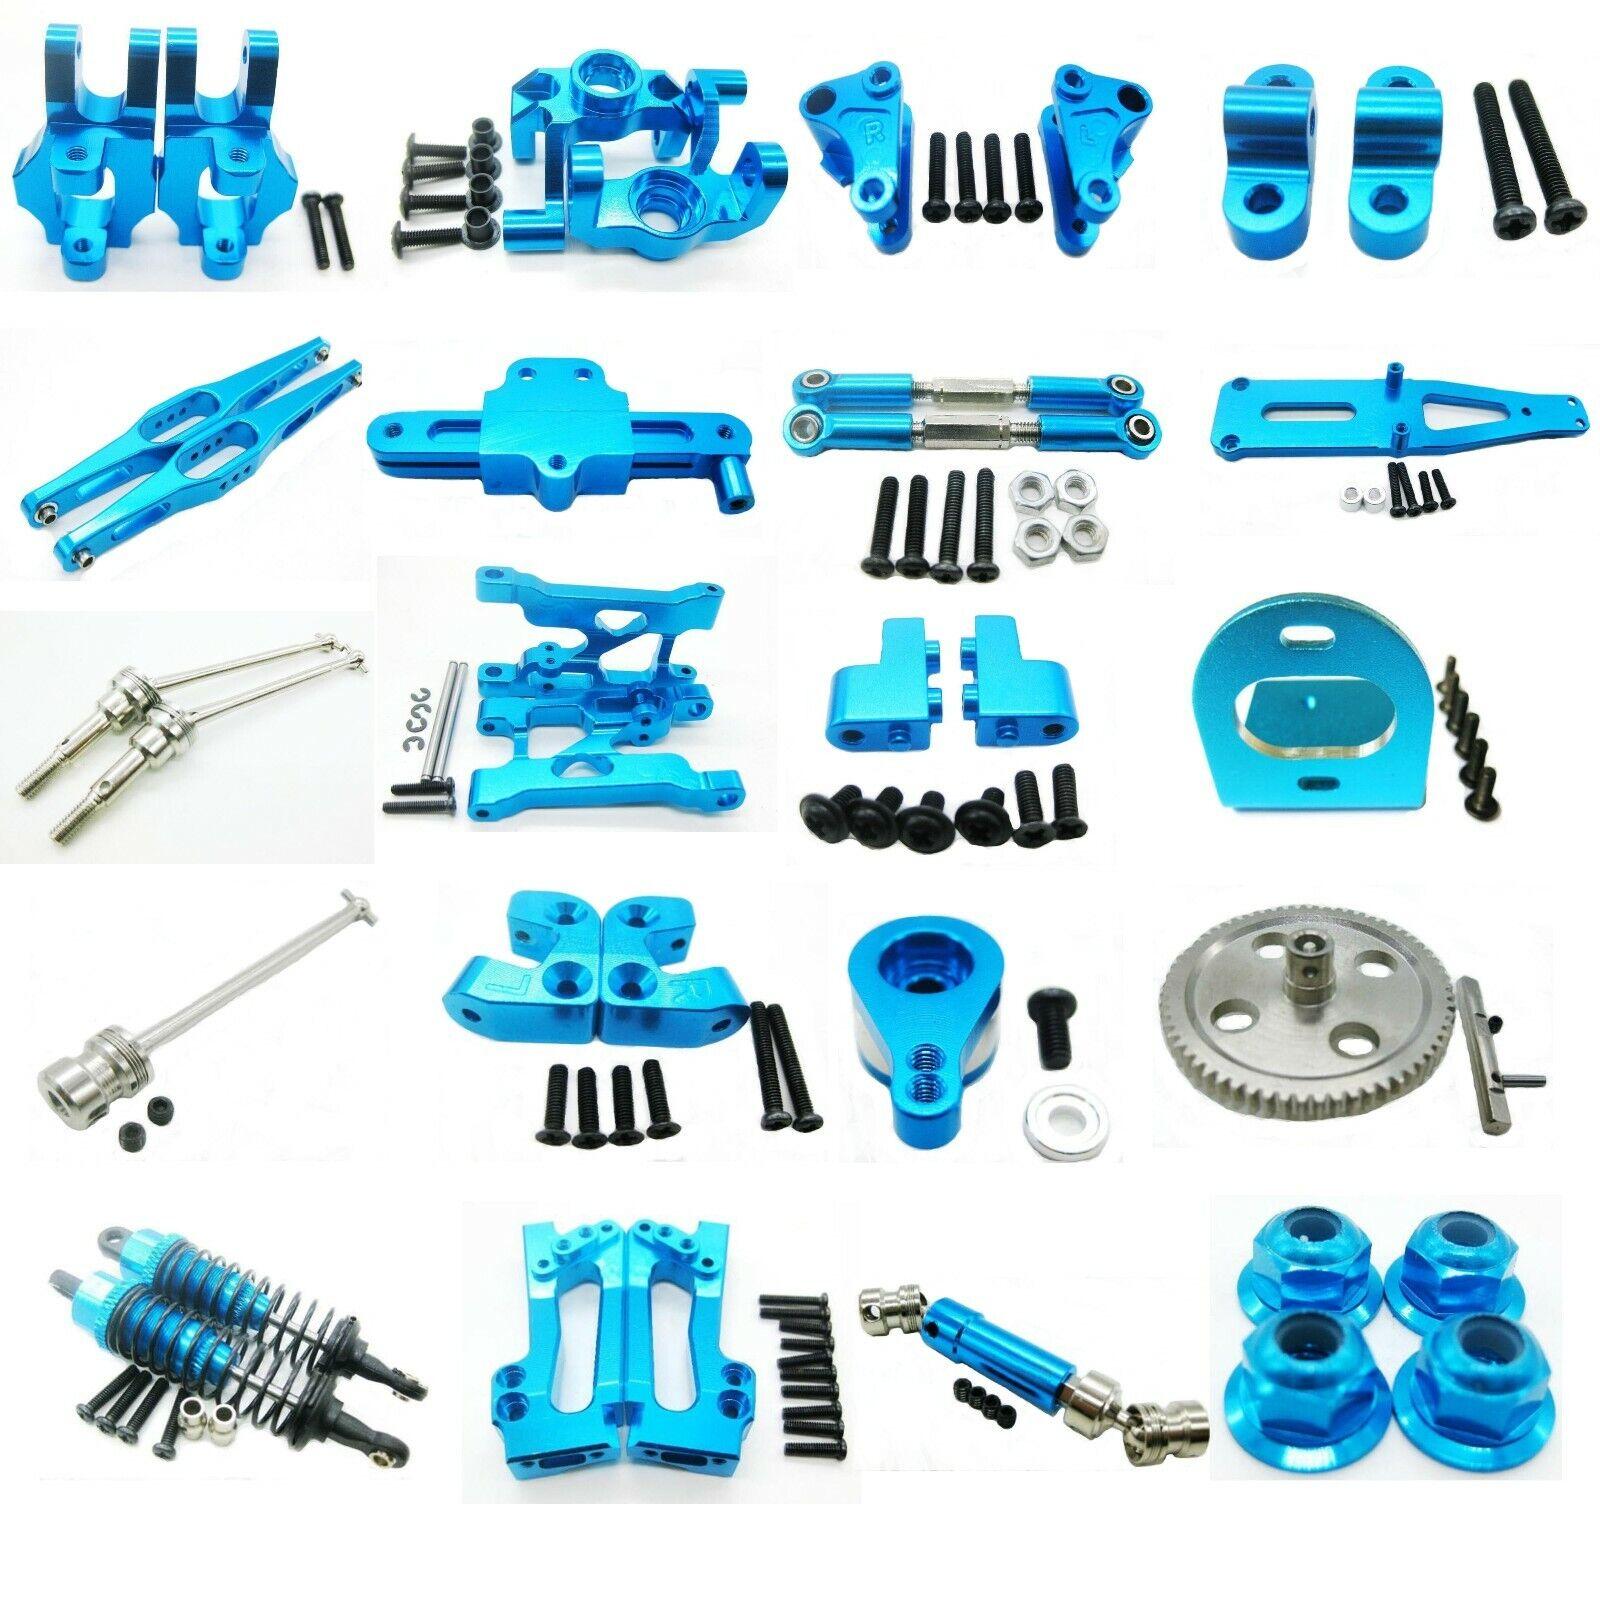 Car Parts - Aluminum Metal DIY Parts For 1/12 WLtoys 12428 12423 RC Car Upgrade Parts Blue